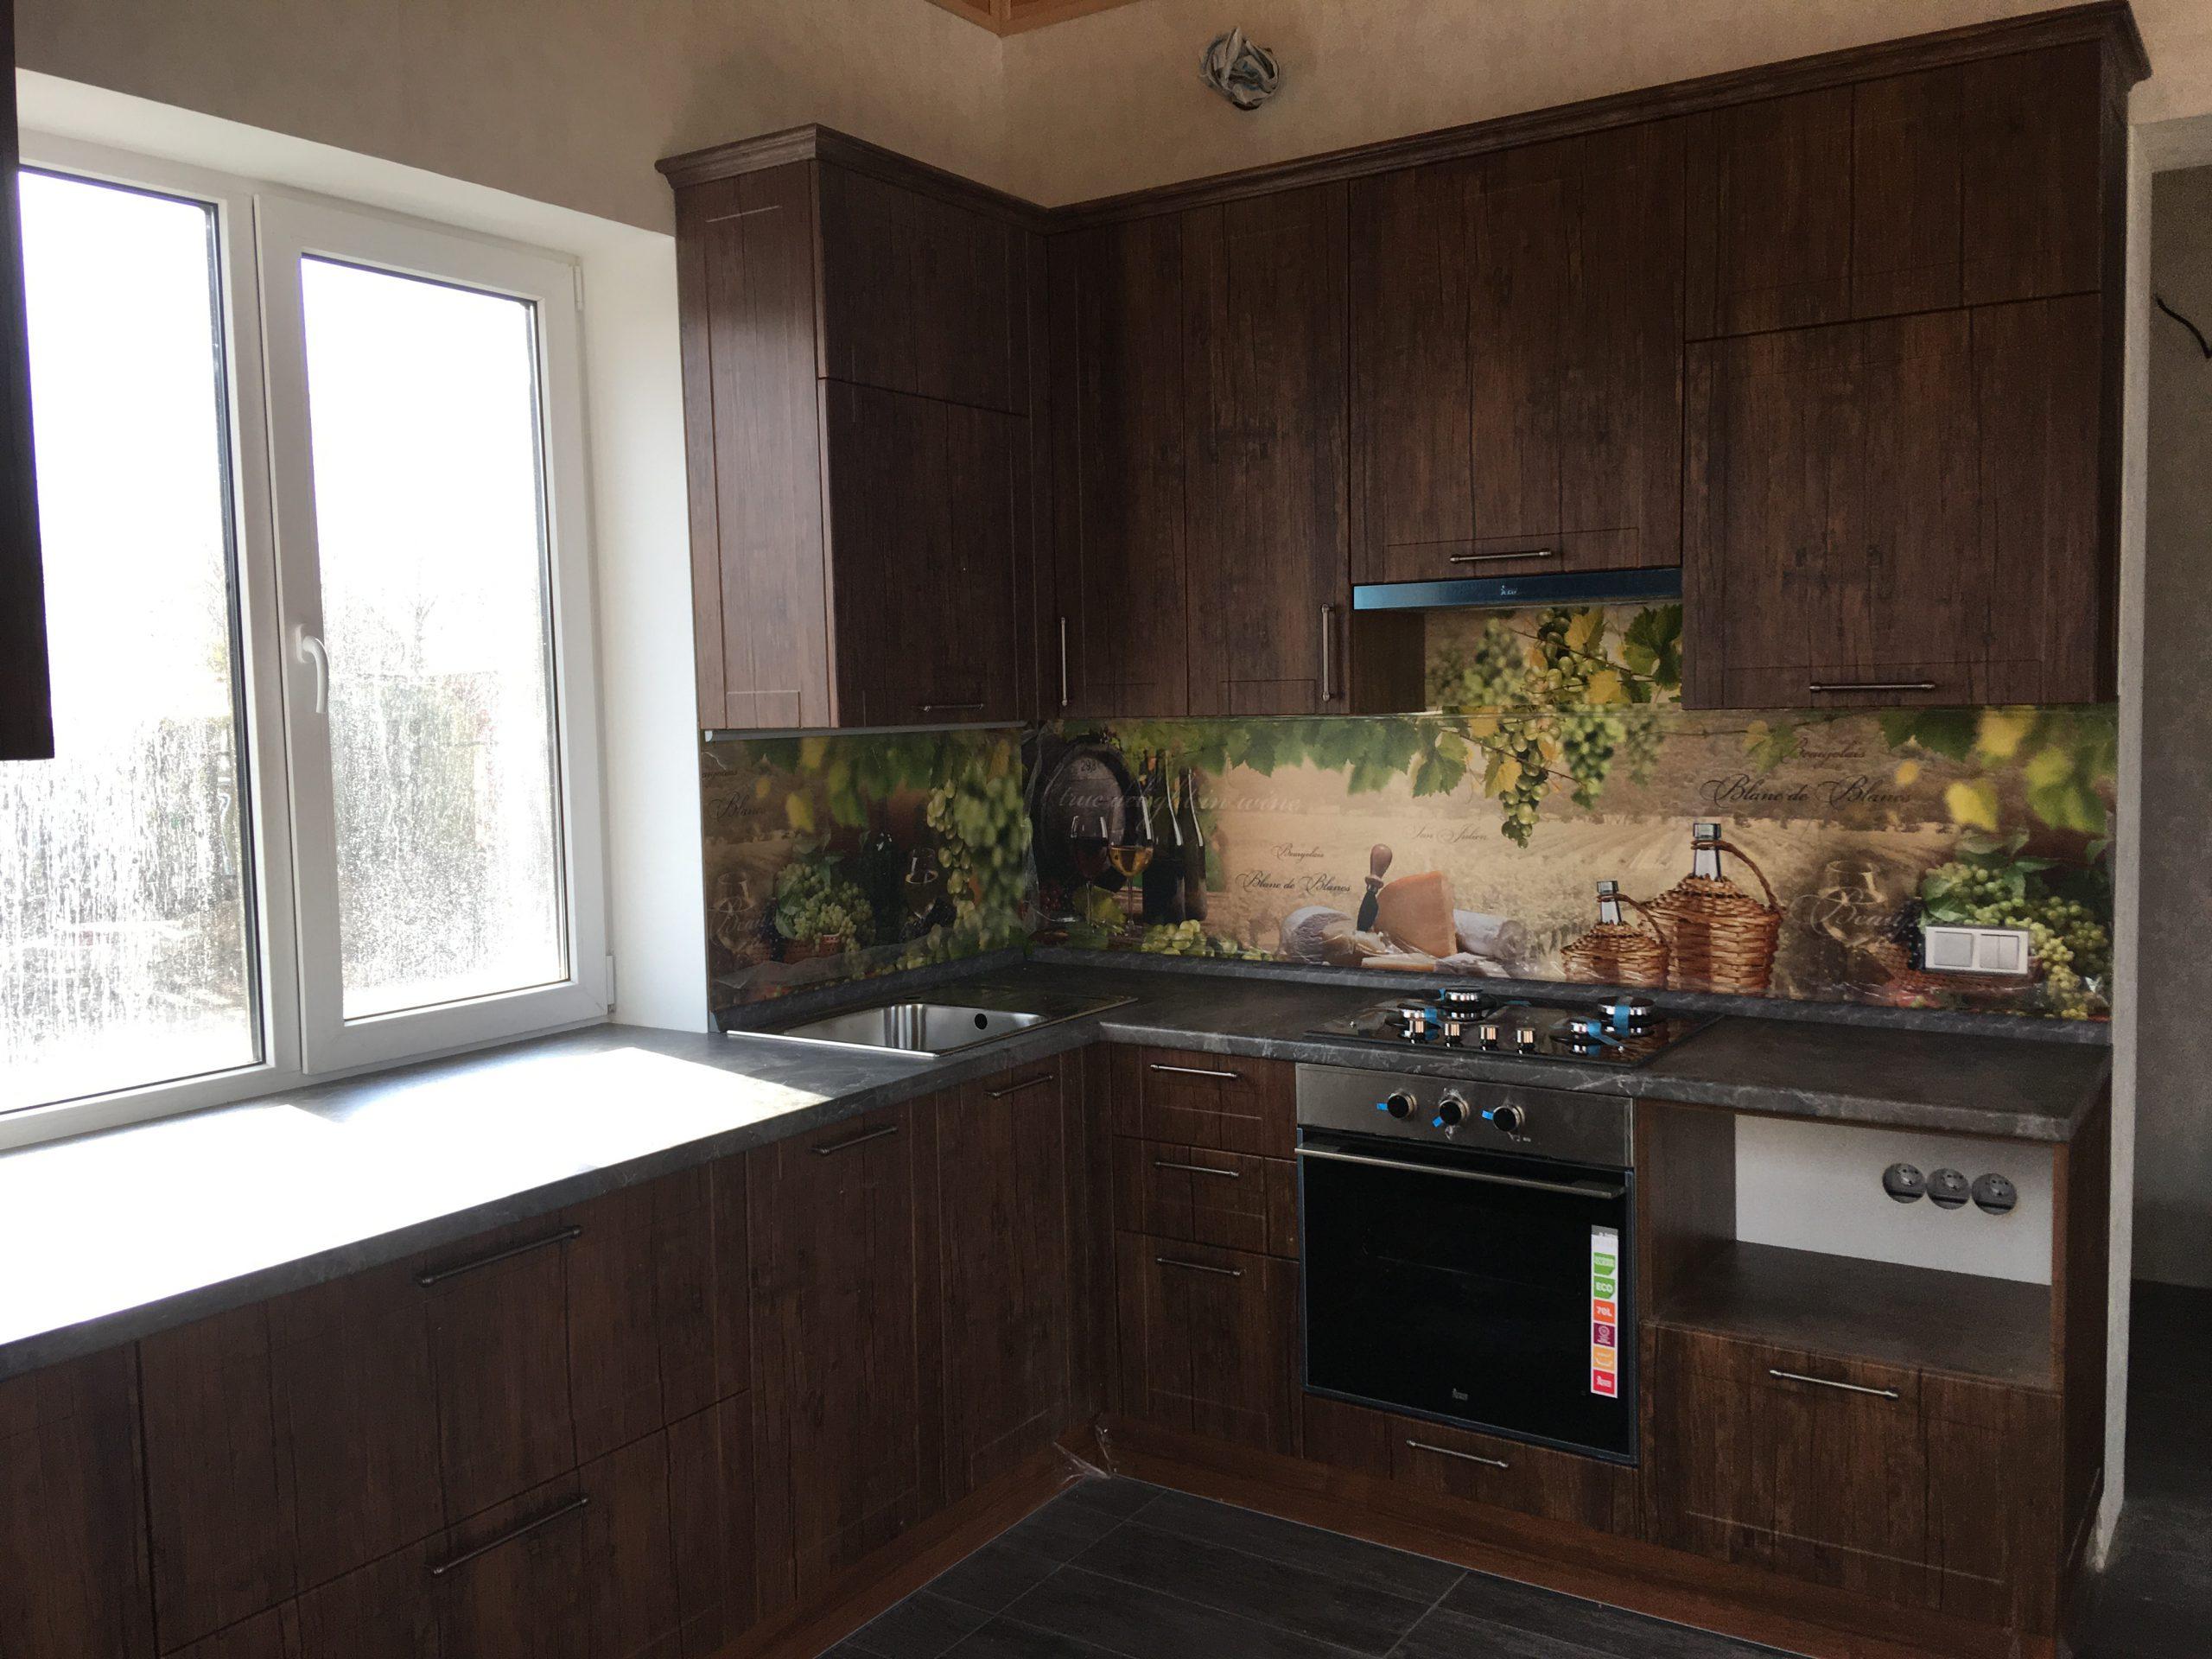 Первое фото Классическая кухня с нарядной стеновой панелью